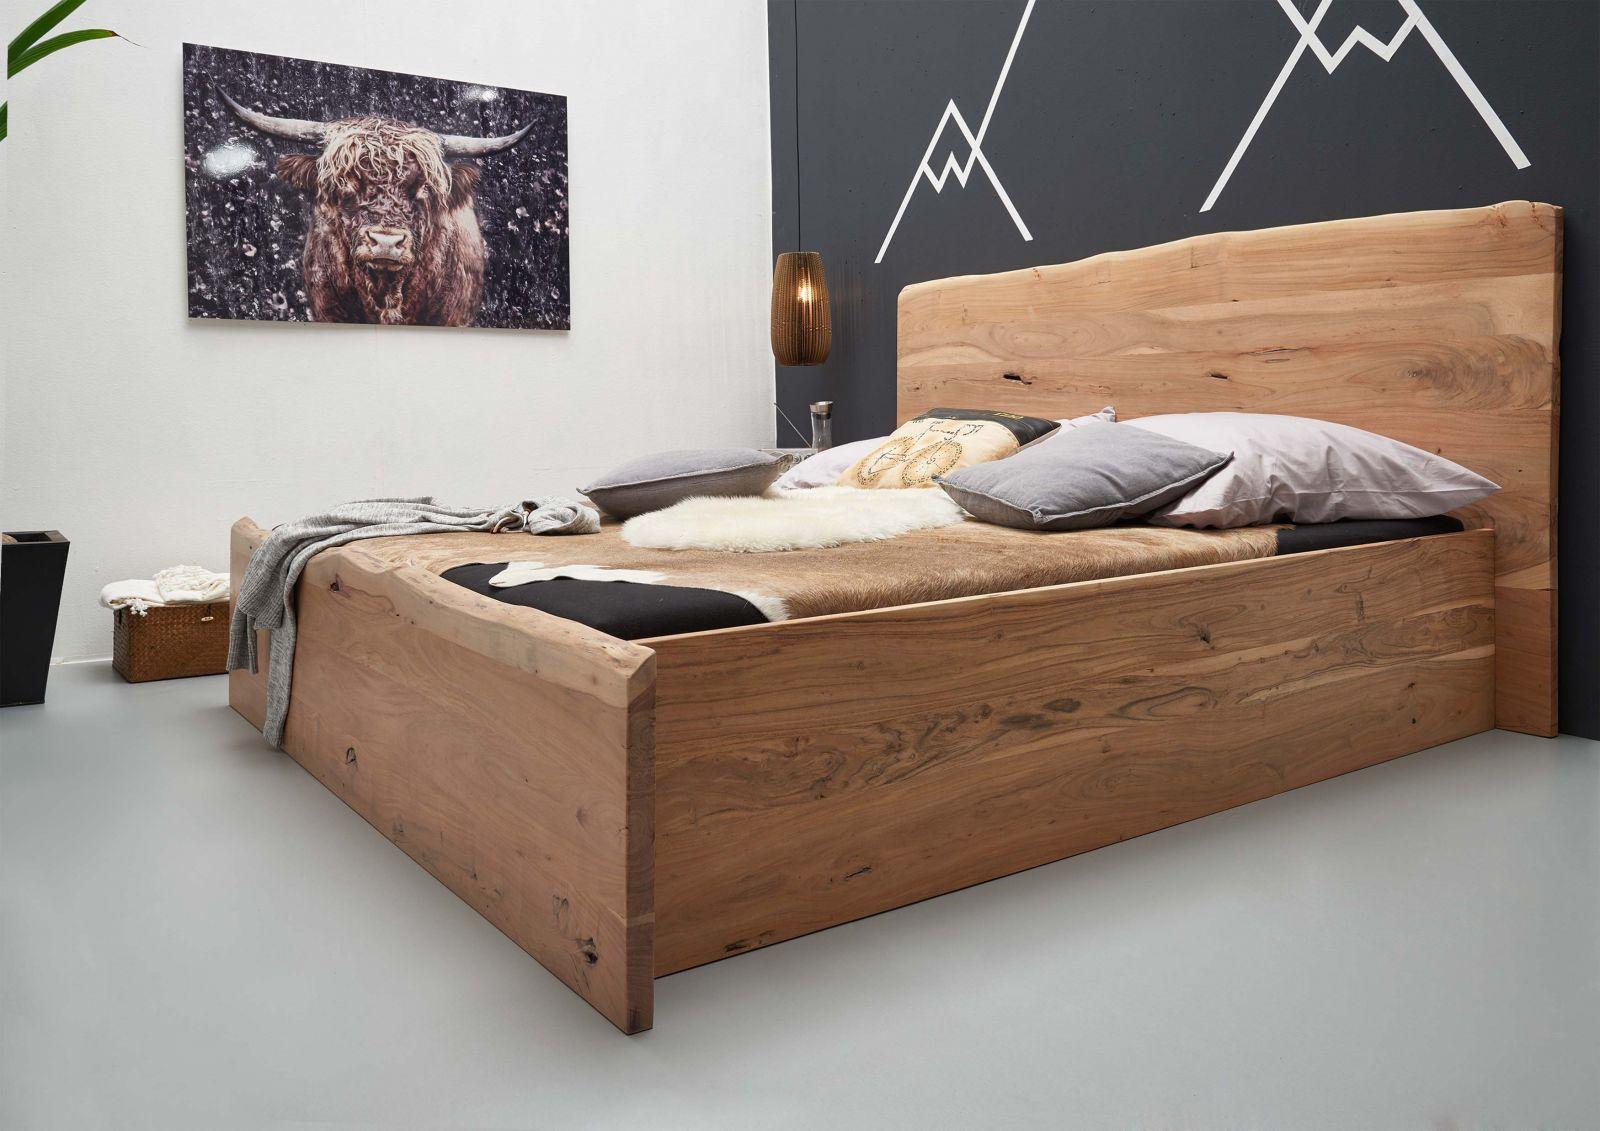 Full Size of Bett Modern 120x200 Sleep Better Italienisches Design Puristisch Eiche Leader Holz 140x200 Betten Kaufen Beyond Pillow 180x200 Aus Akazie Lackiert Prinzessin Wohnzimmer Bett Modern